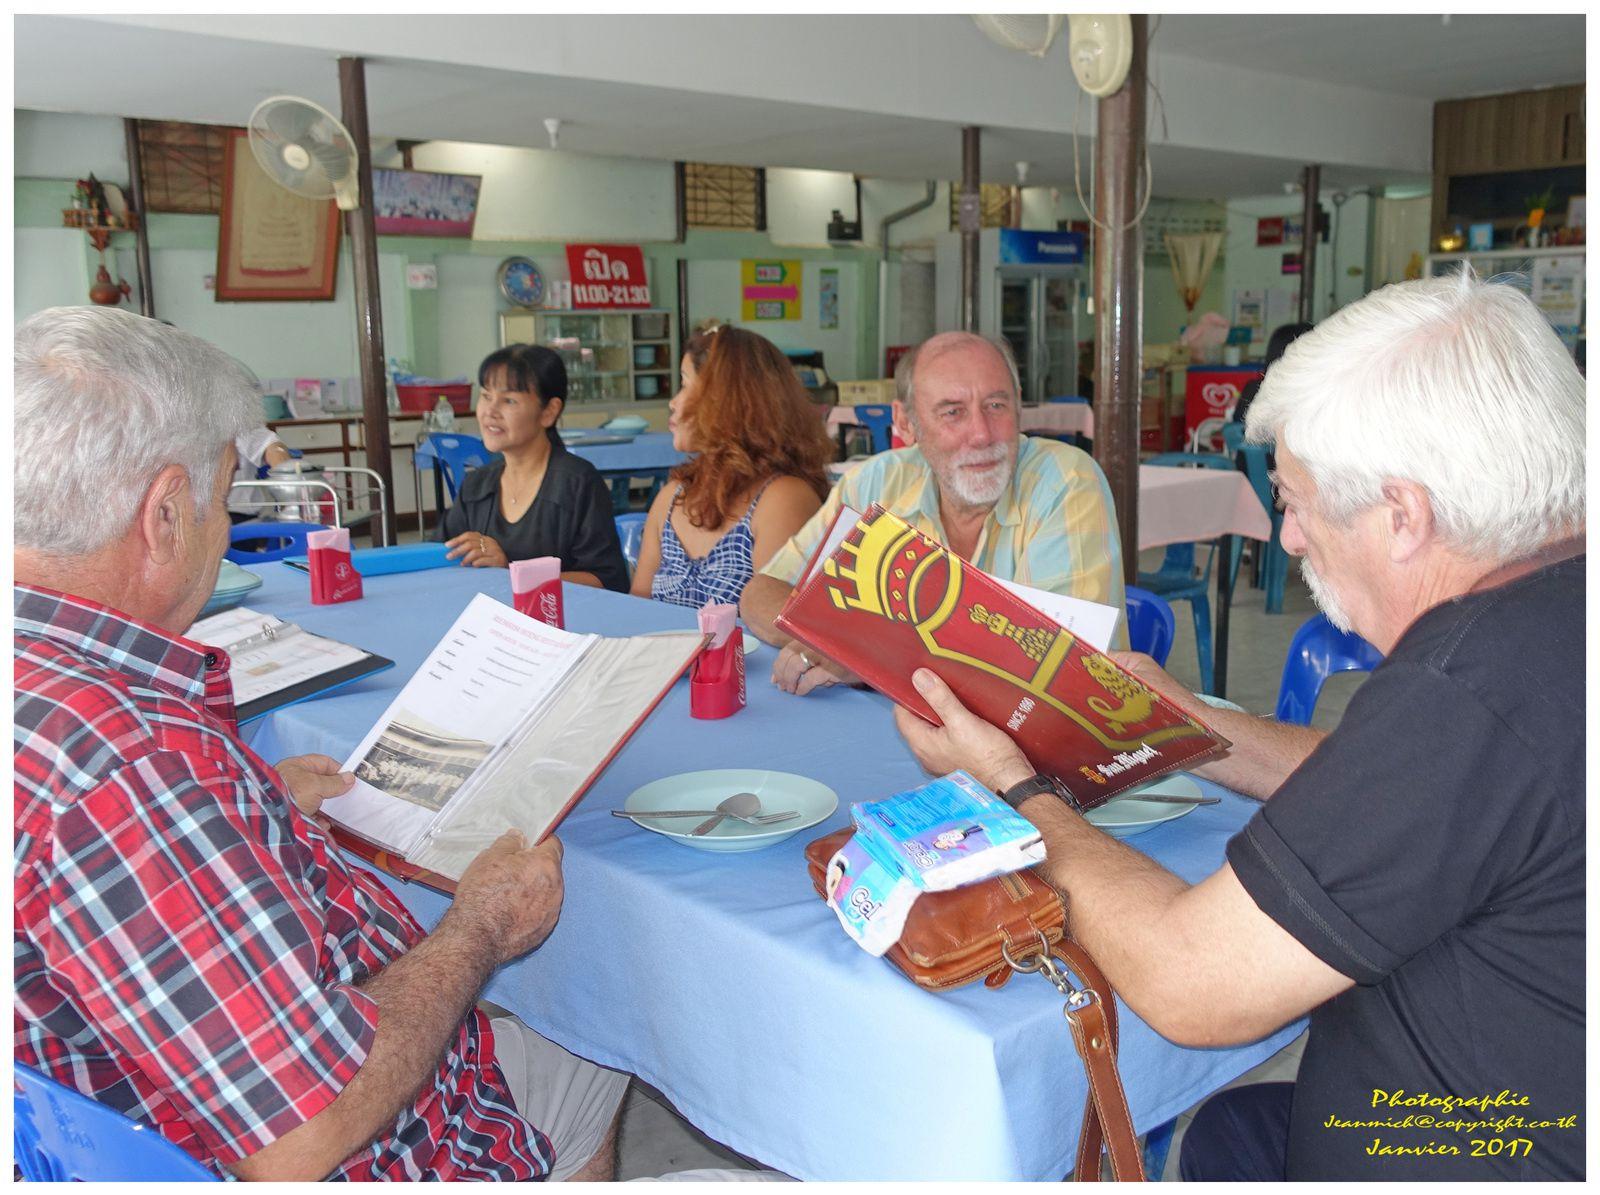 Petit repas entre amis du c t de khon kaen le blog de for Repas du dimanche midi entre amis